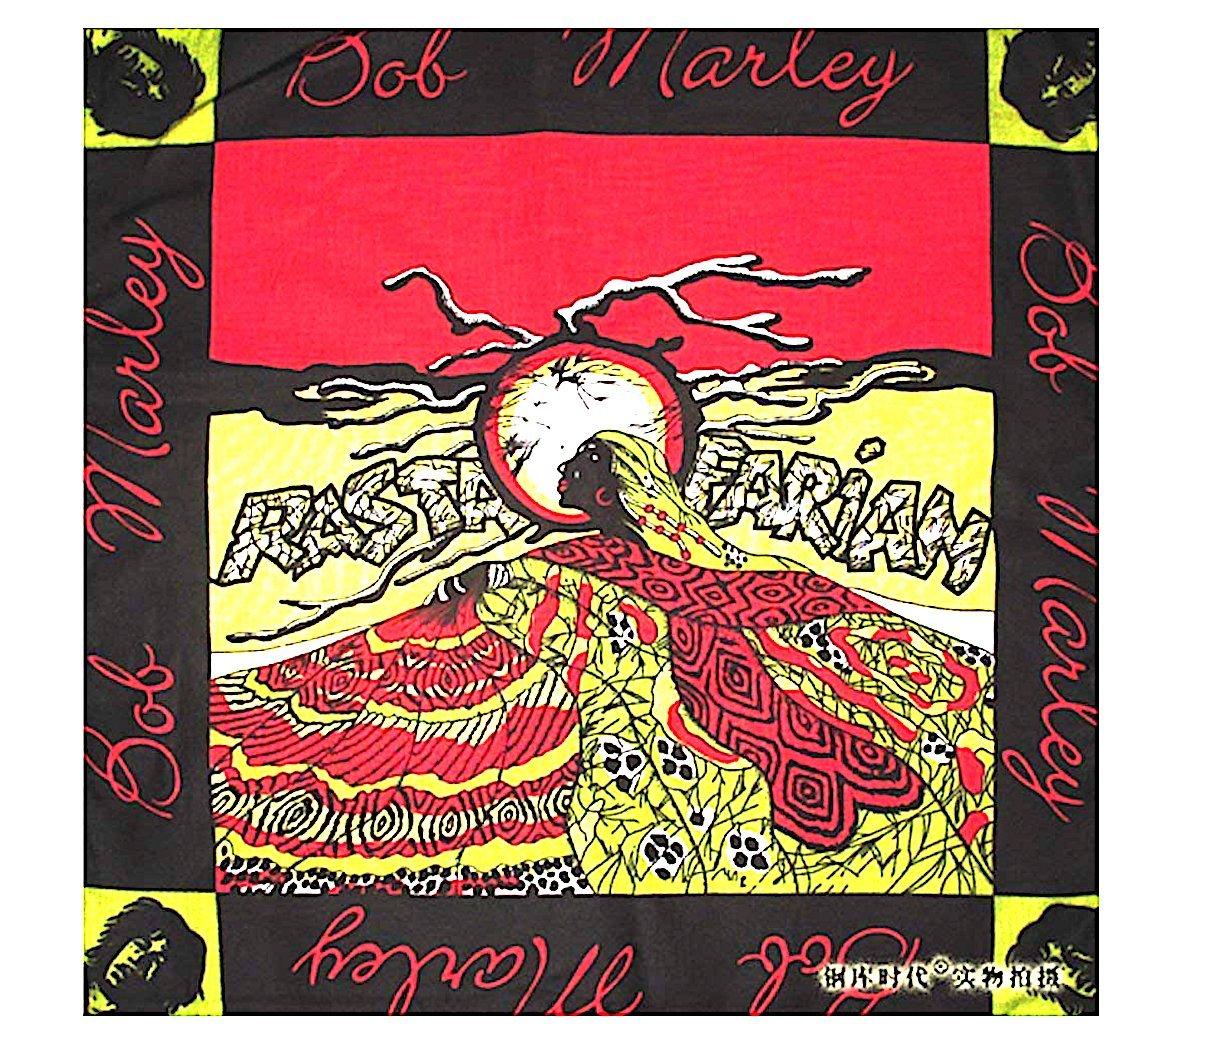 Bob Marley Rastafarian Original Bandana Weed Lovers